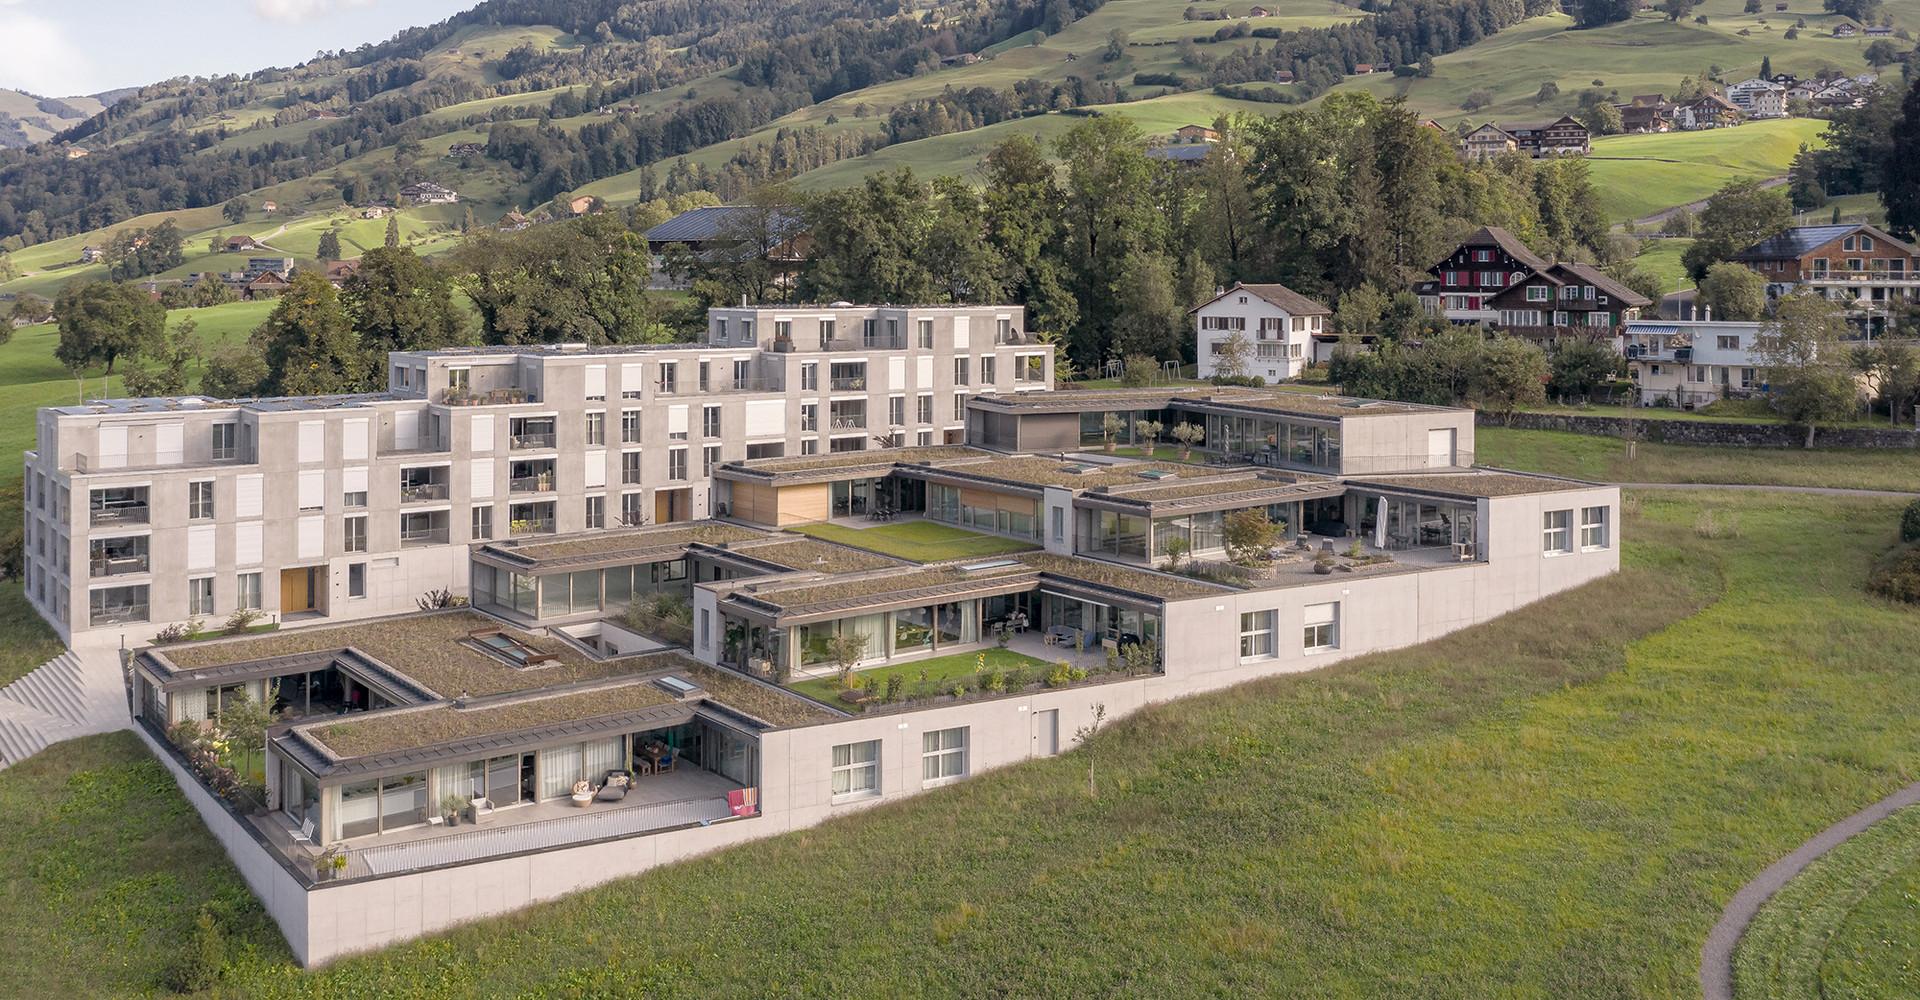 Wohnüberbauung Mättivor, Schwyz